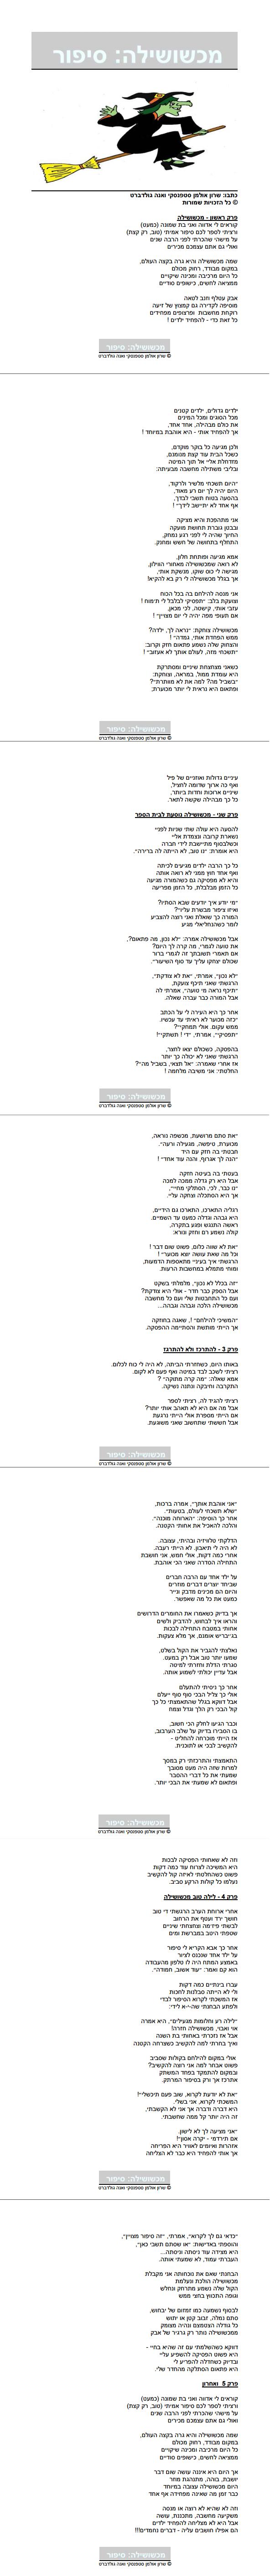 משכשושילה: סיפור מאת שרון אולמן ואנה גולדברט